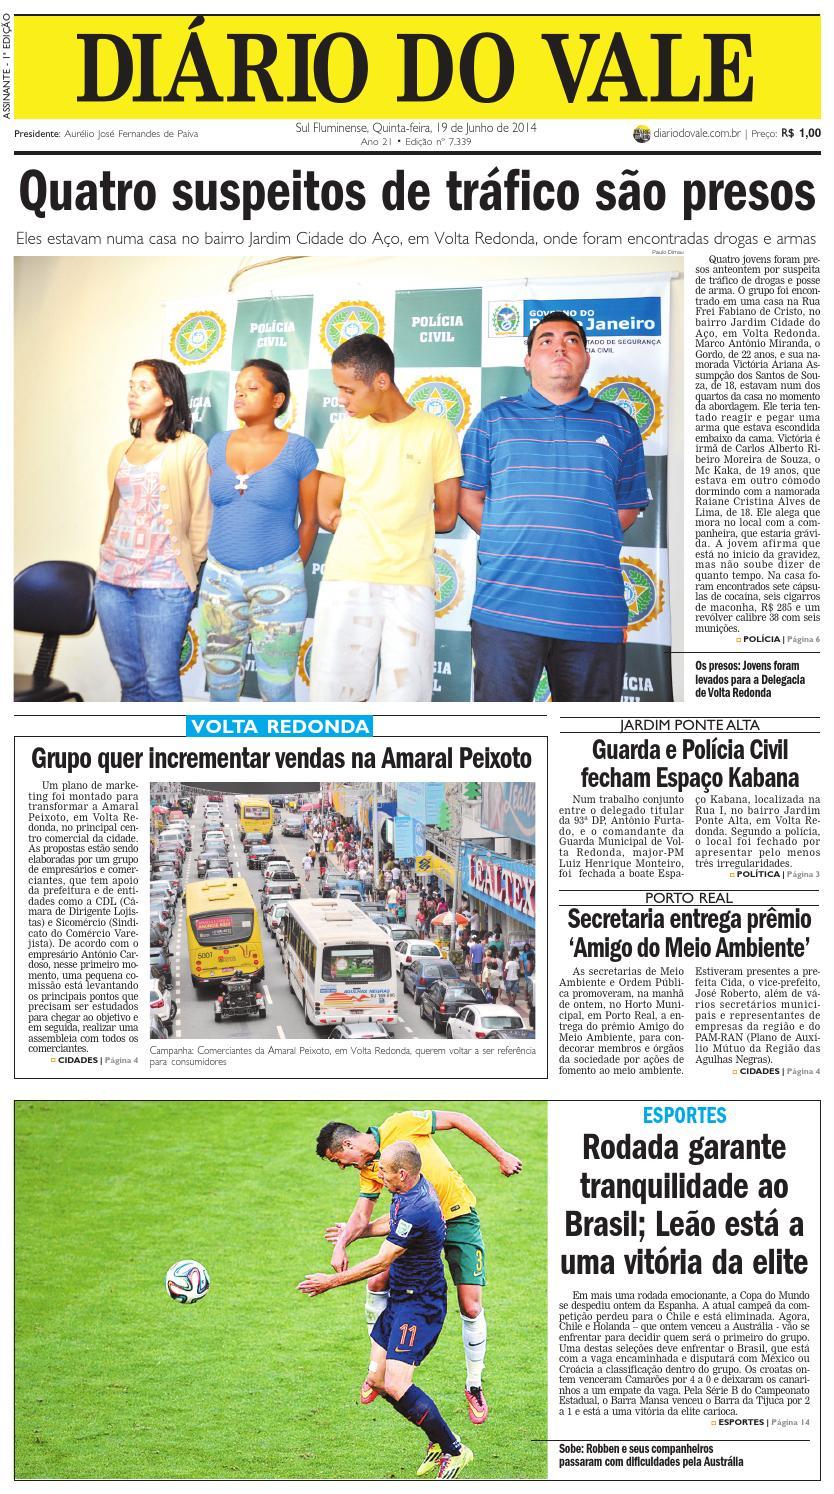 f722aff1de 7339 diario quinta feira 19 06 2014 by Diário do Vale - issuu